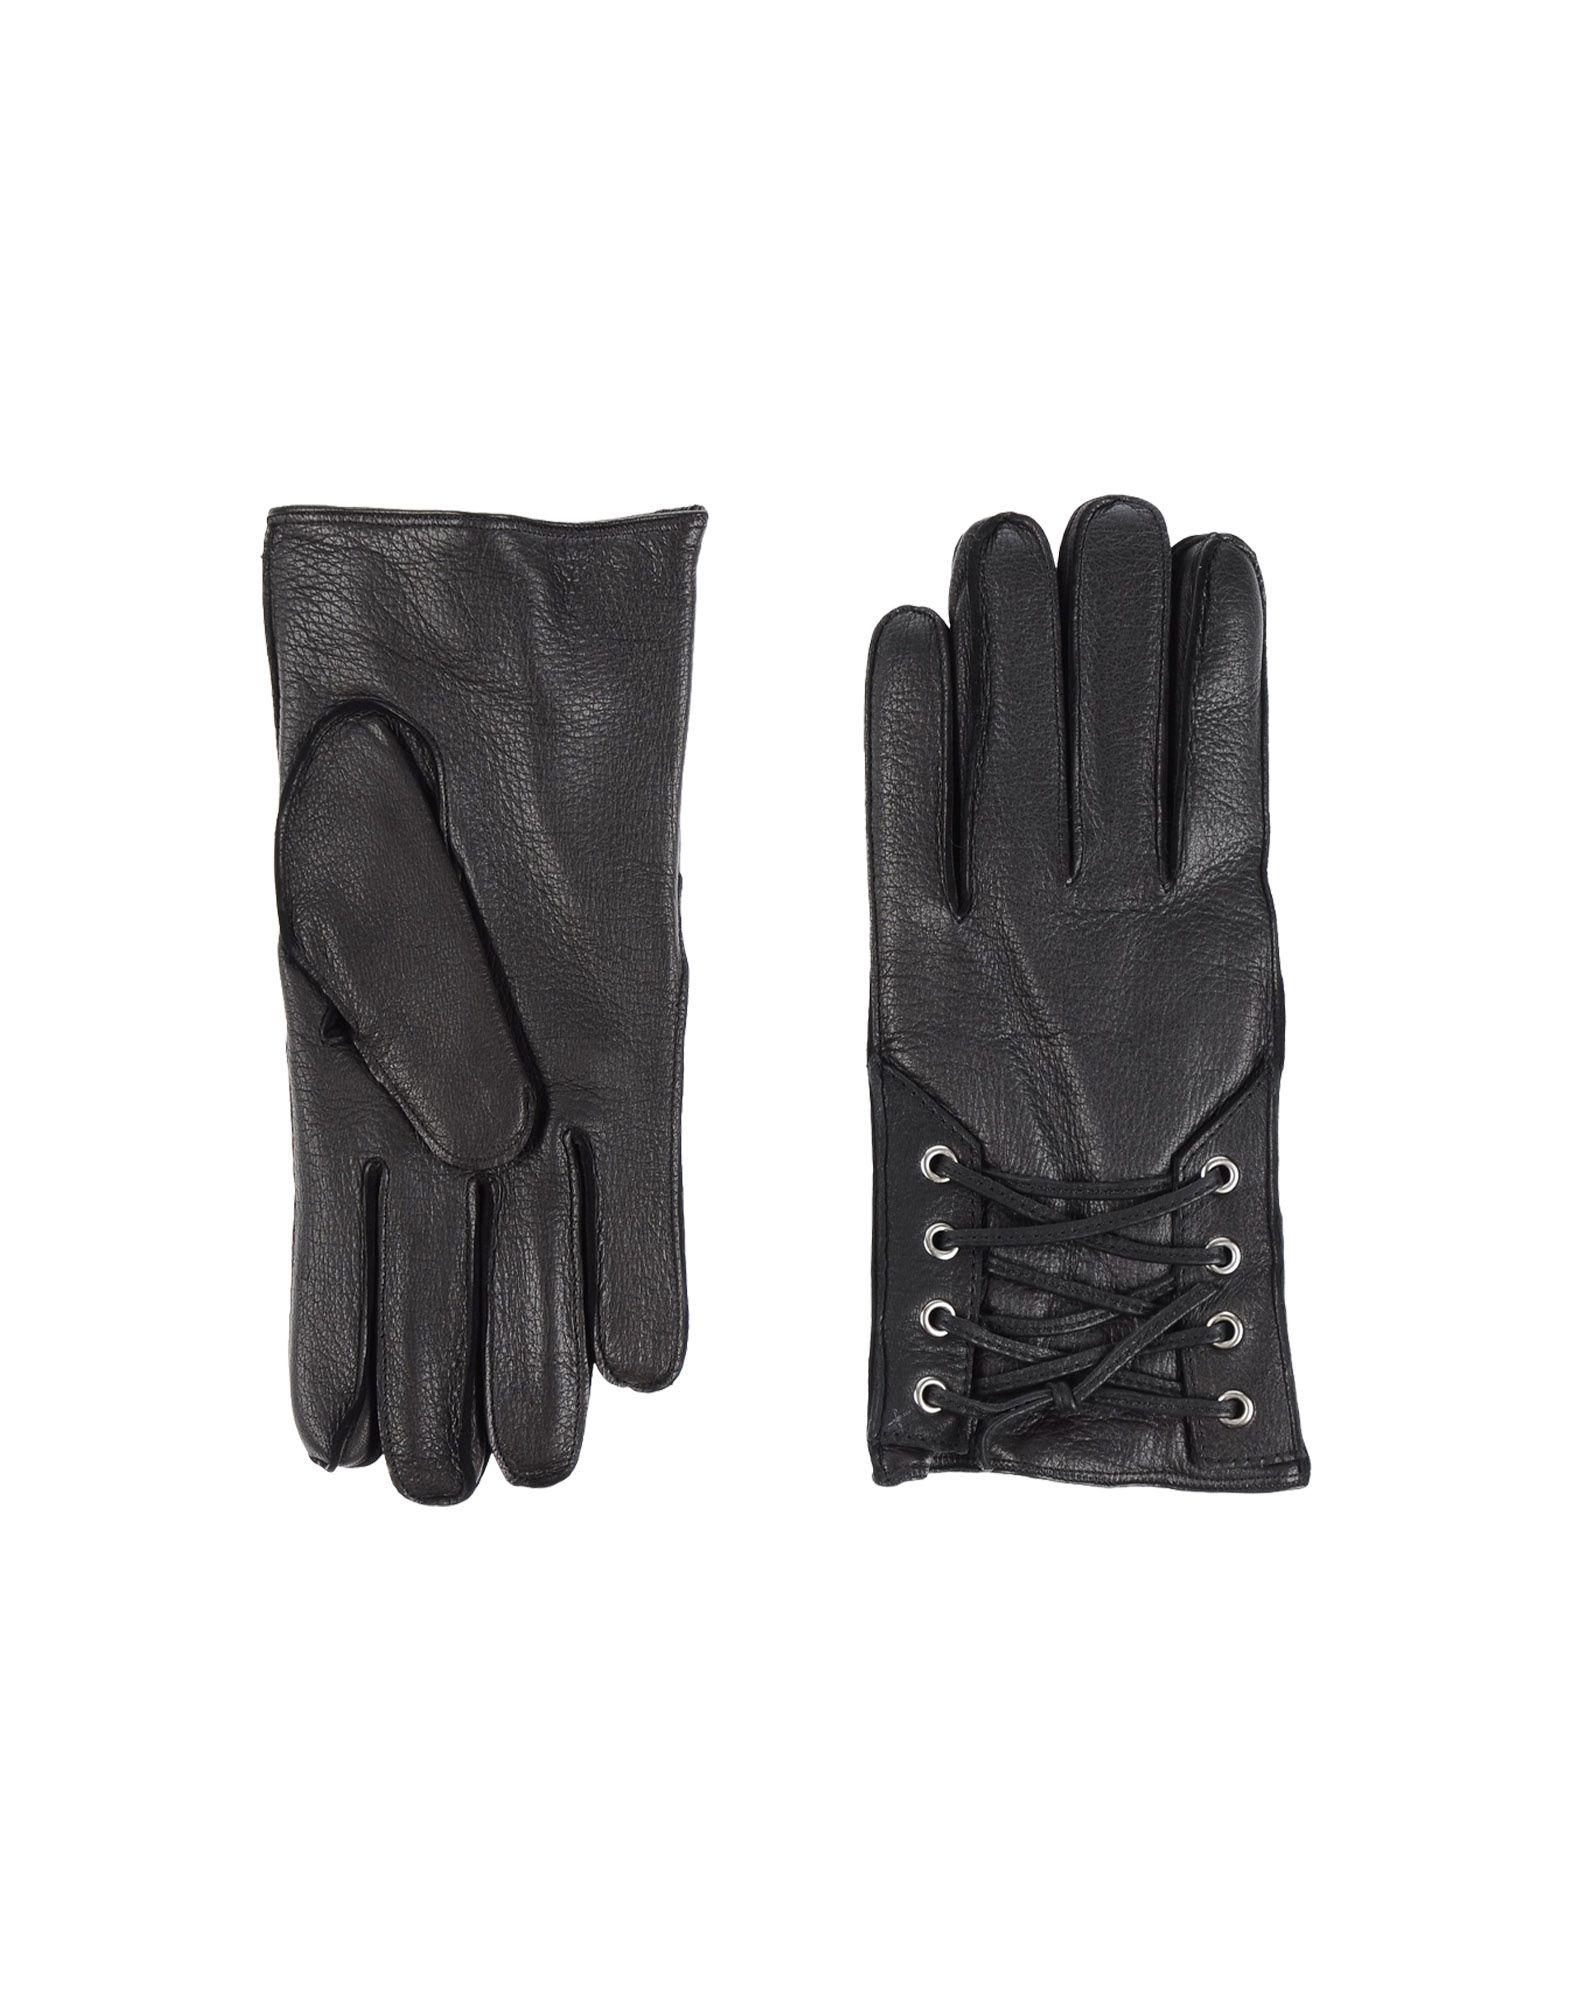 John varvatos leather driving gloves -  John Varvatos Gloves In Black For Men Lyst